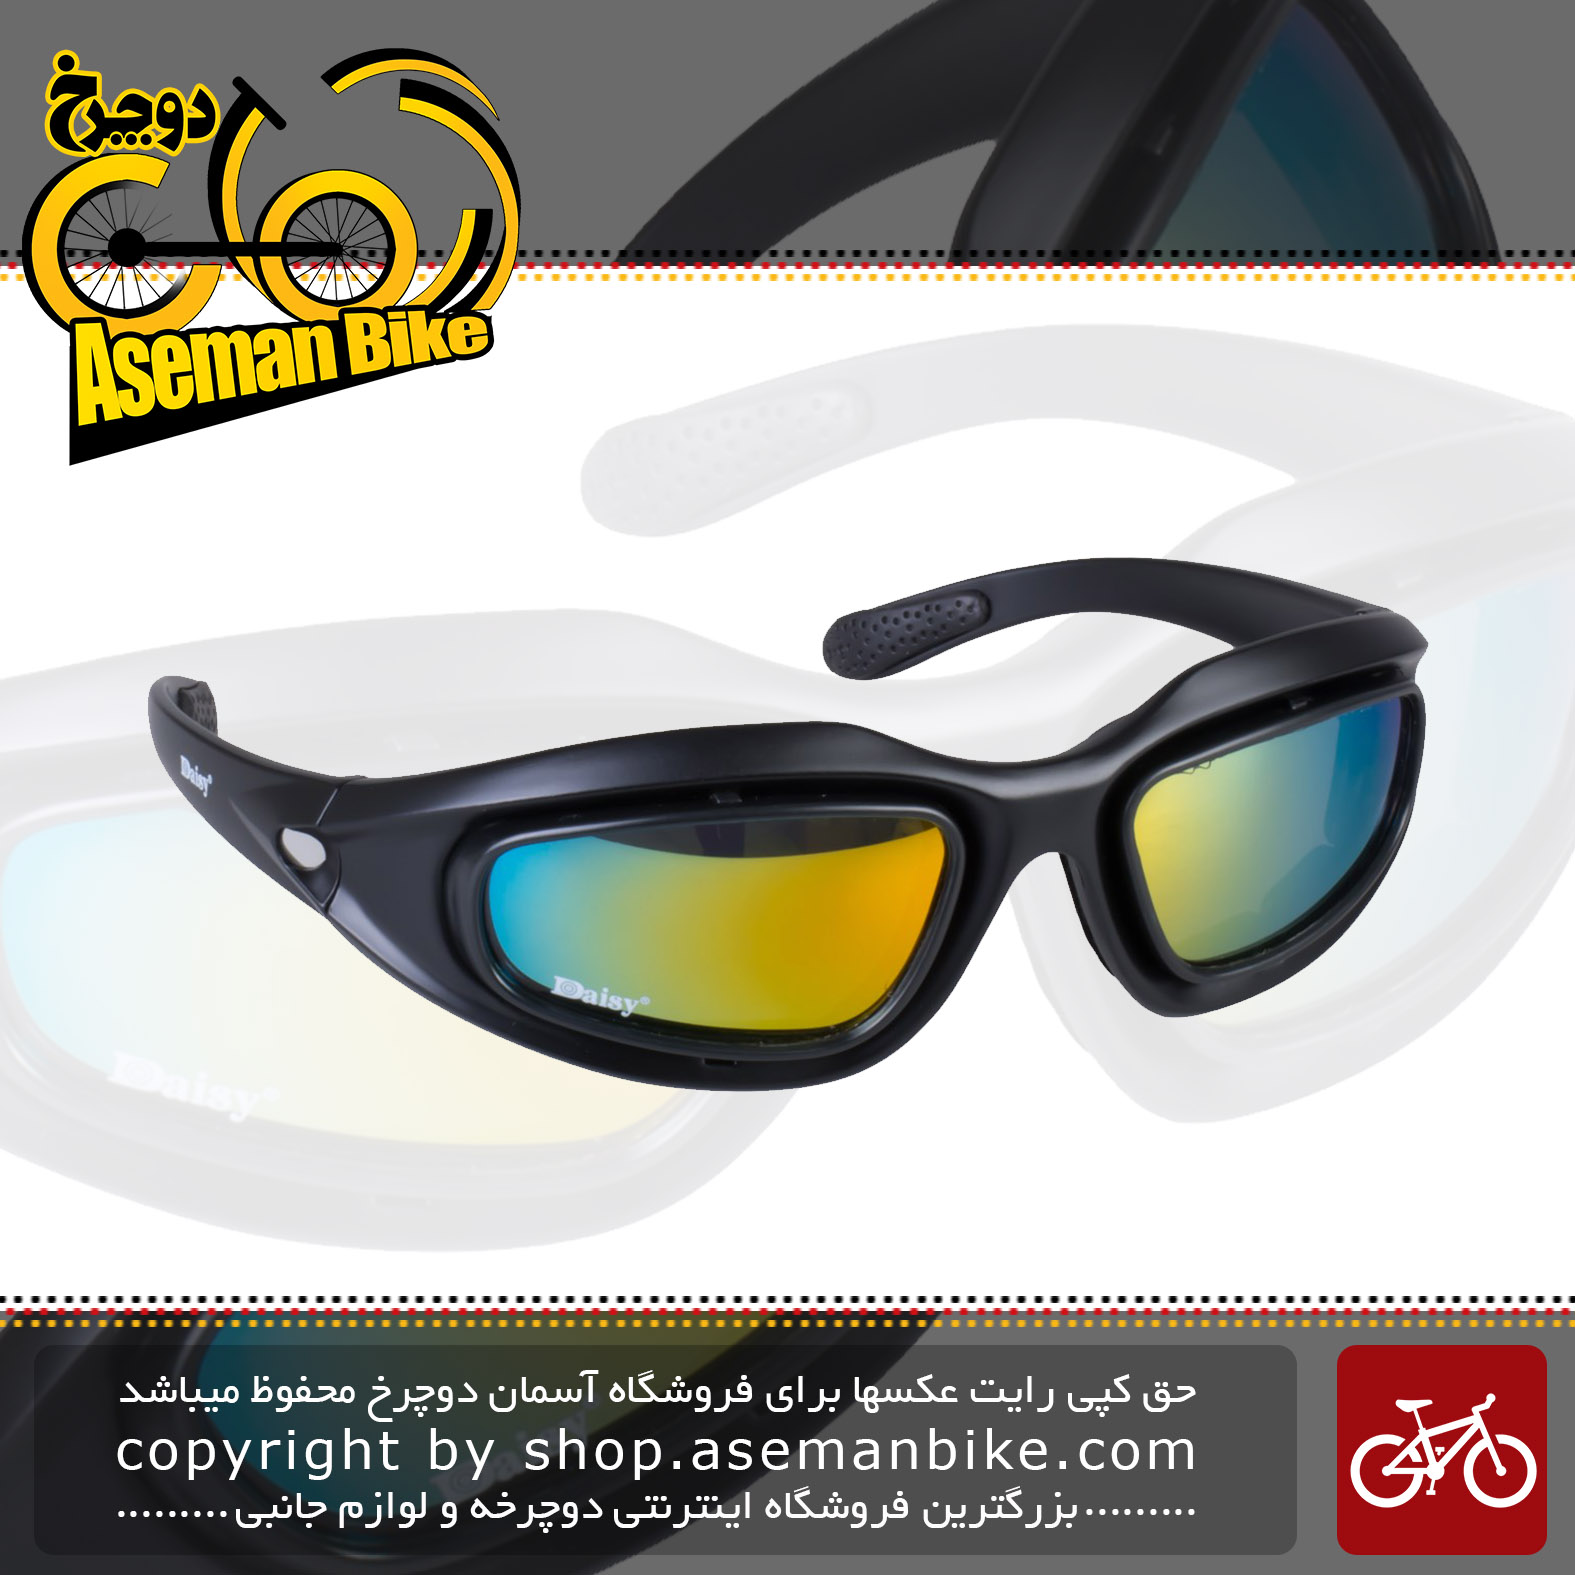 عینک دوچرخه سواری دیسی Daisy Glasses